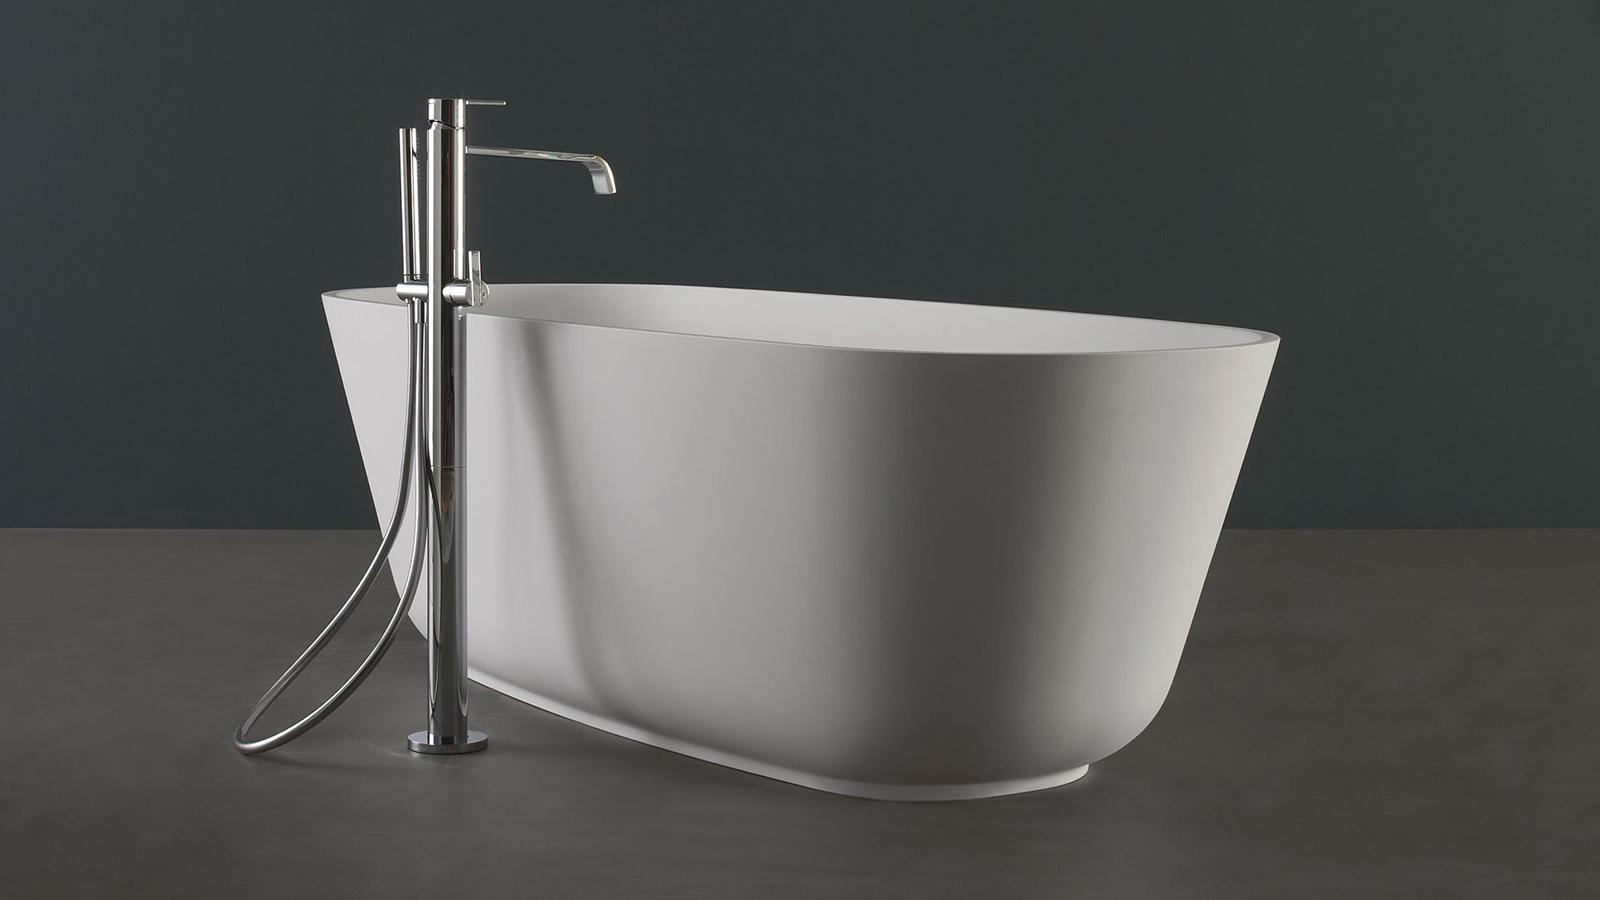 Egyszerűség, erős egyedi karakterrel: ez a Baía, az antoniolupi egyik közkedvelt fürdőkádja. Ovális formája a márka által feltalált és szabadalmaztatott, egyedi Cristalplant anyagból készült, és a szabadon álló modellek közül az egyik legklasszikusabb típust képviseli a piacon.